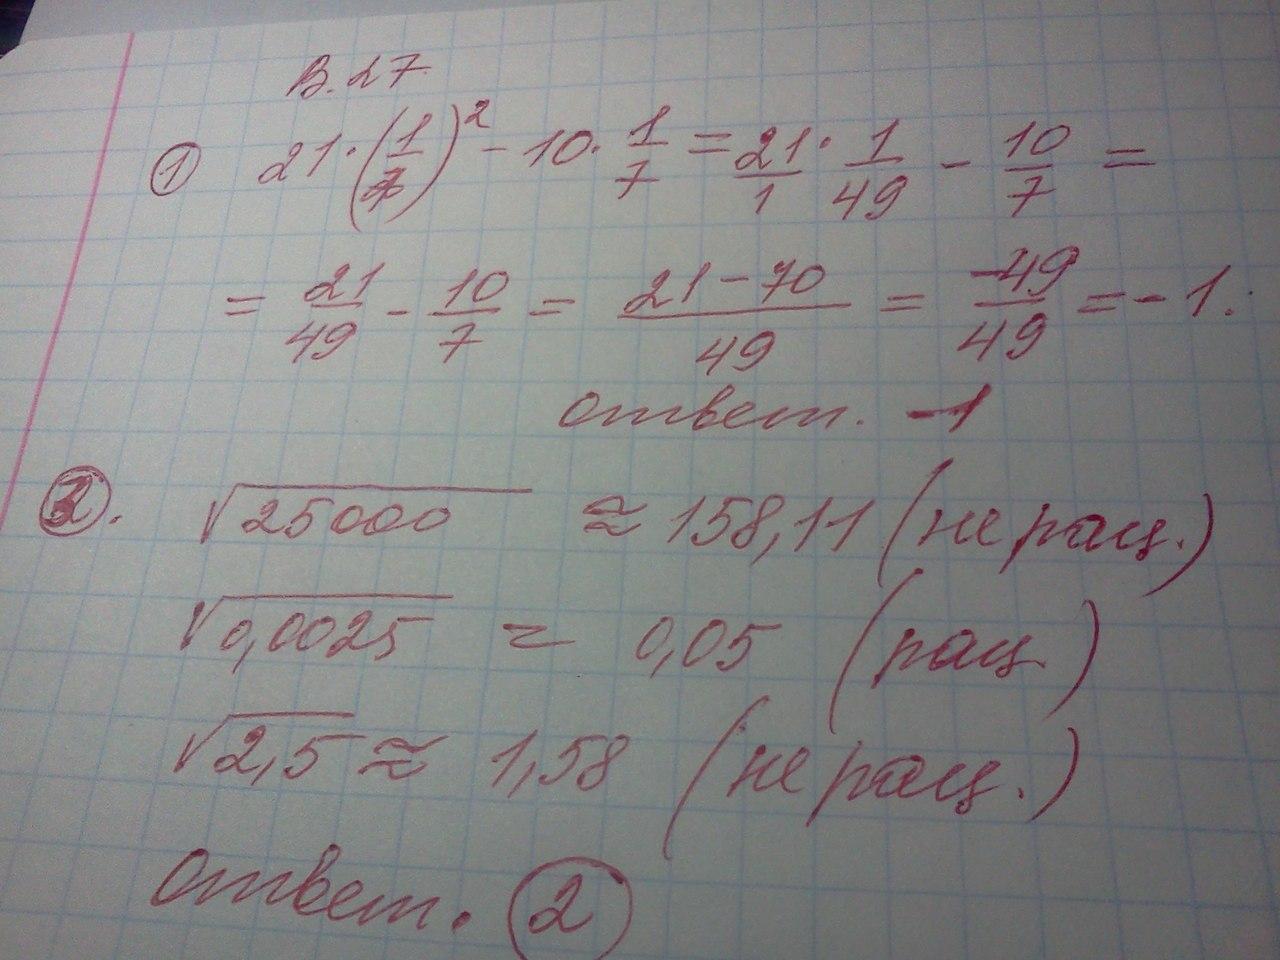 Огэ по математике 2015 3000 задач решение реши задачи и запиши ответы